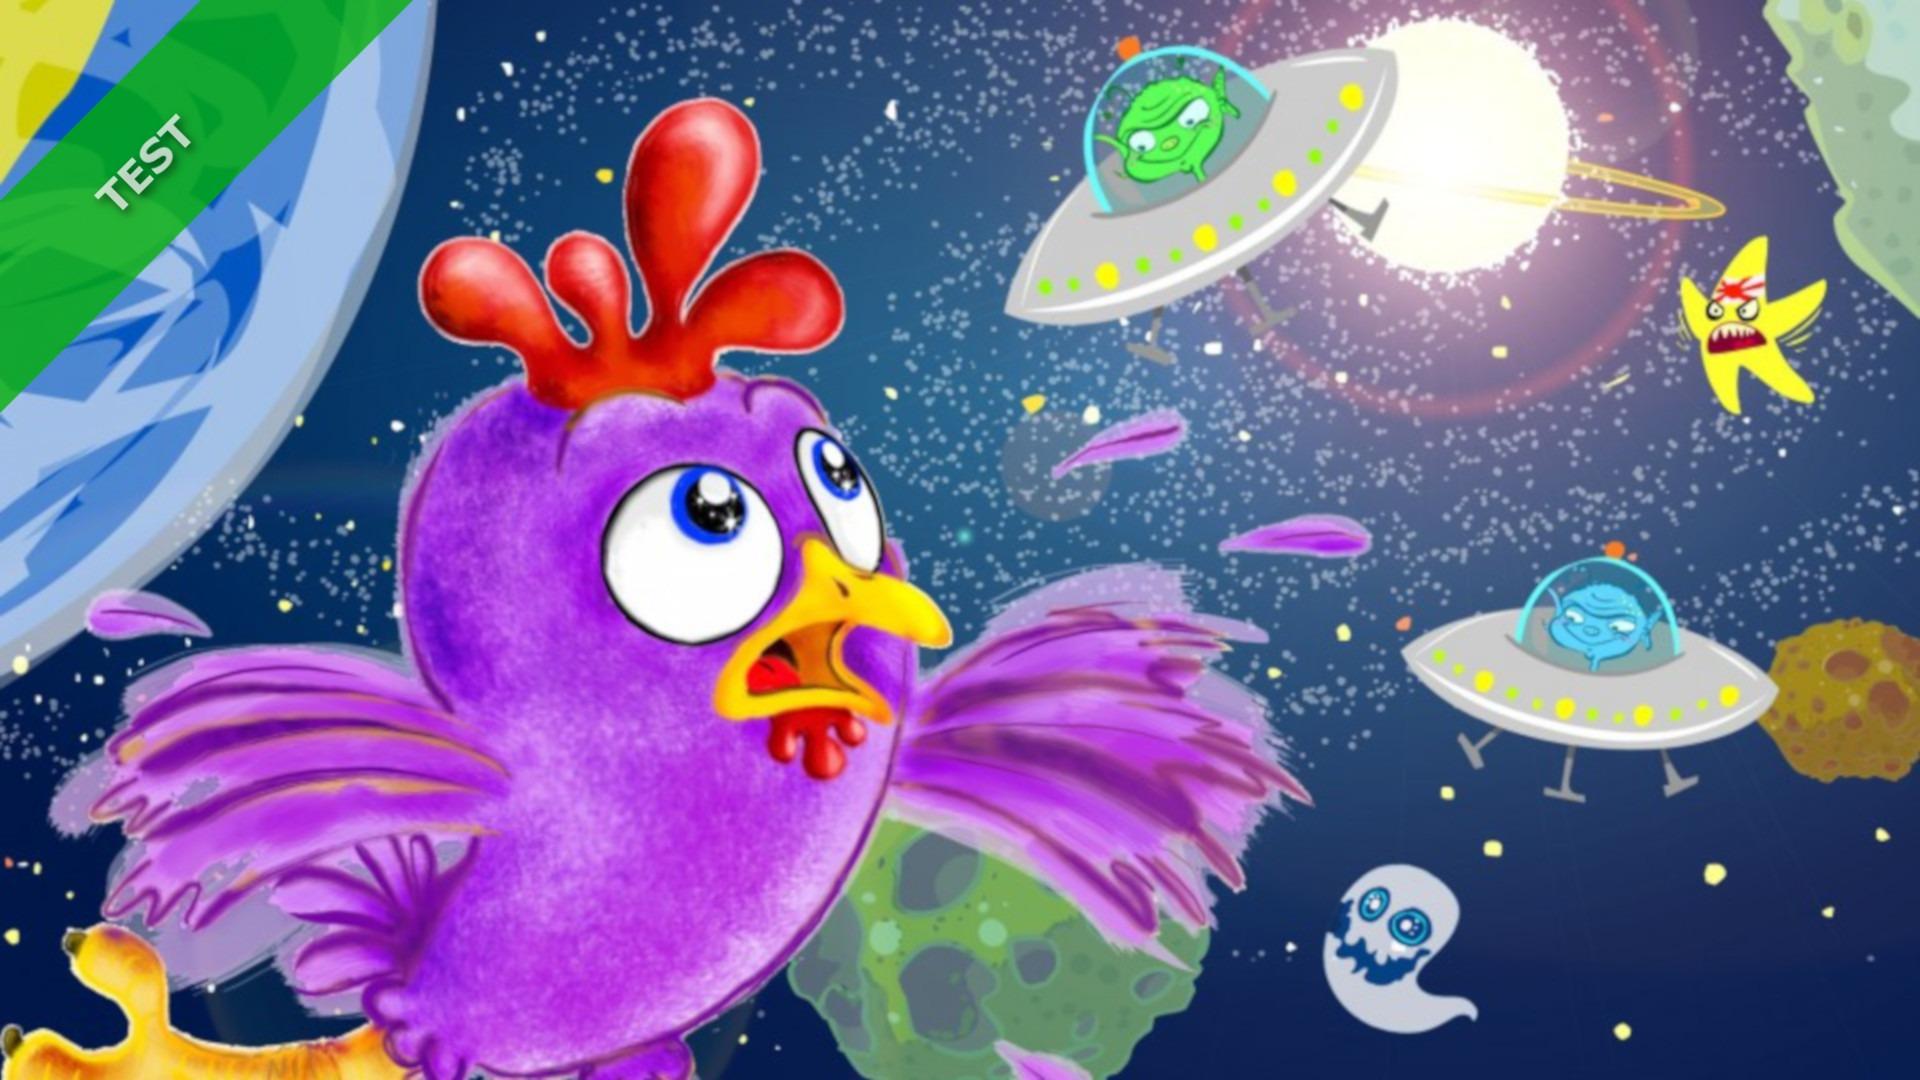 TEST Purple Chicken Spaceman XWFR